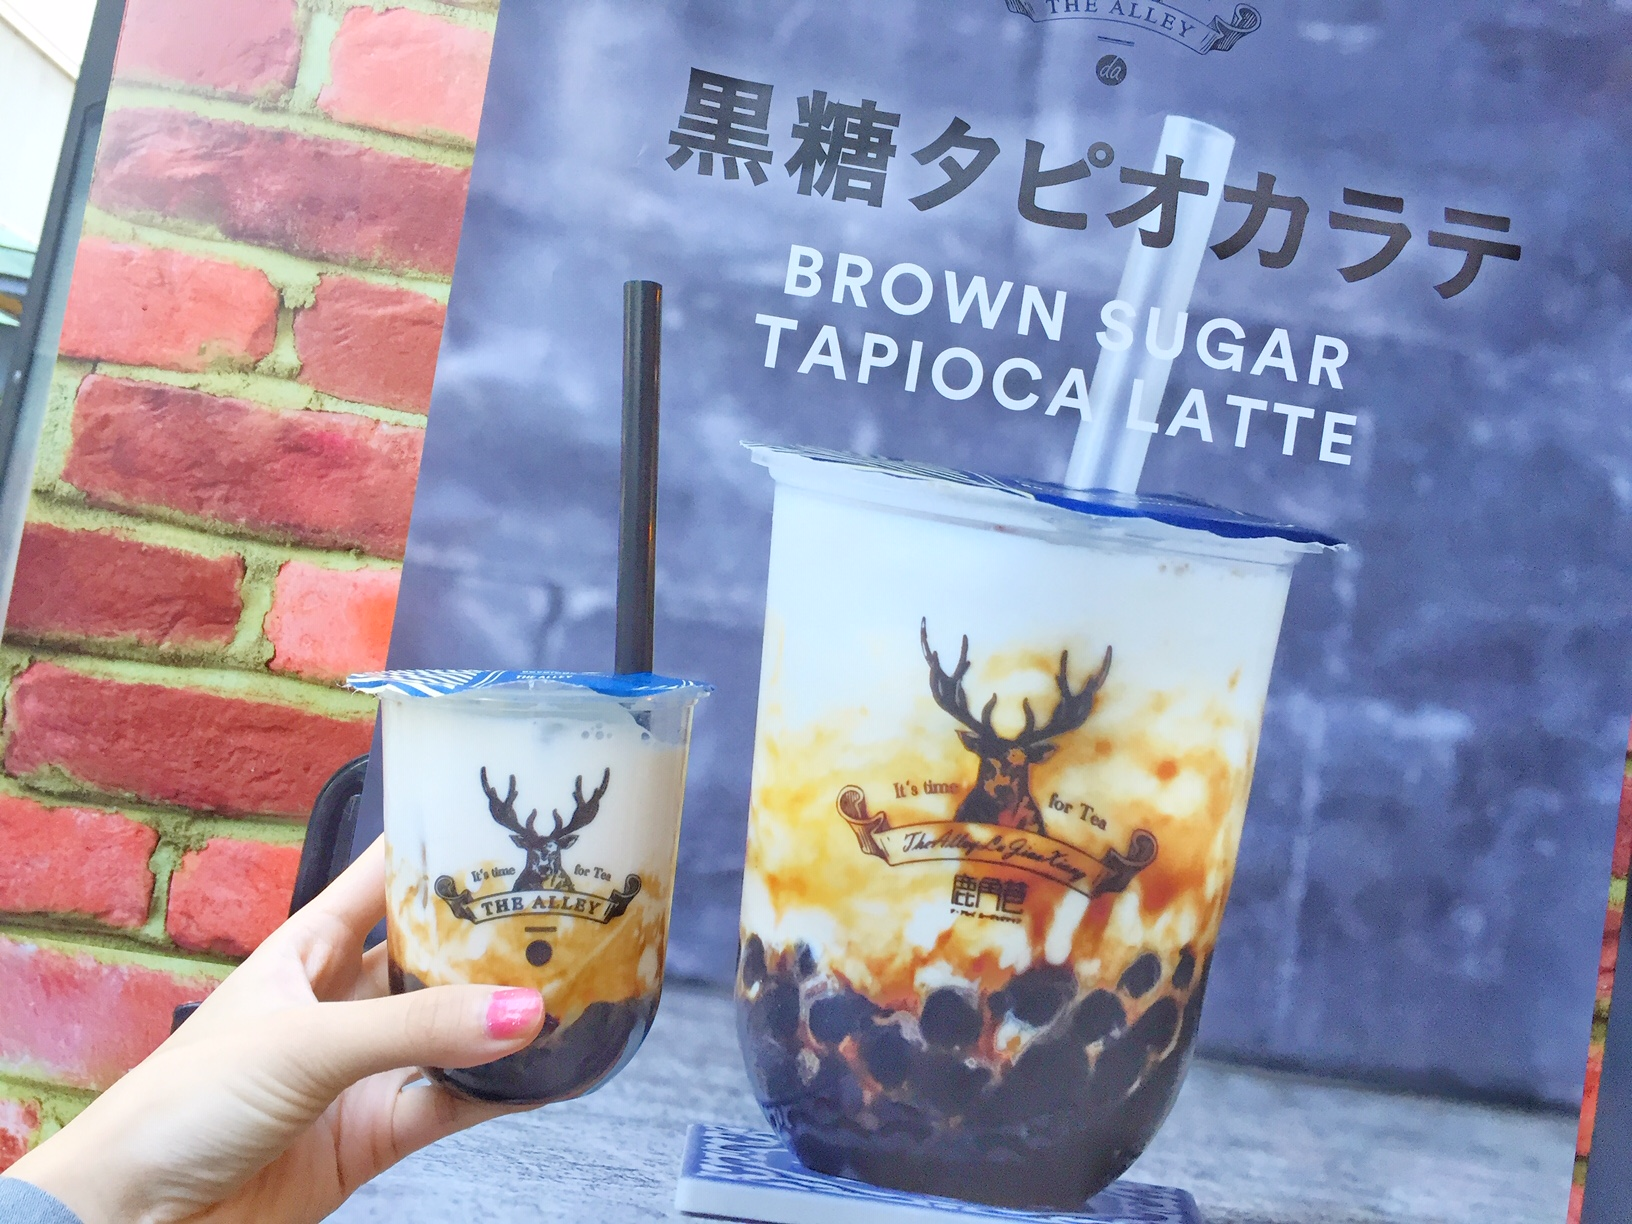 【Let's タピ活♡】THE ALLEYの黒糖タピオカラテがやっぱり美味しすぎる!_1